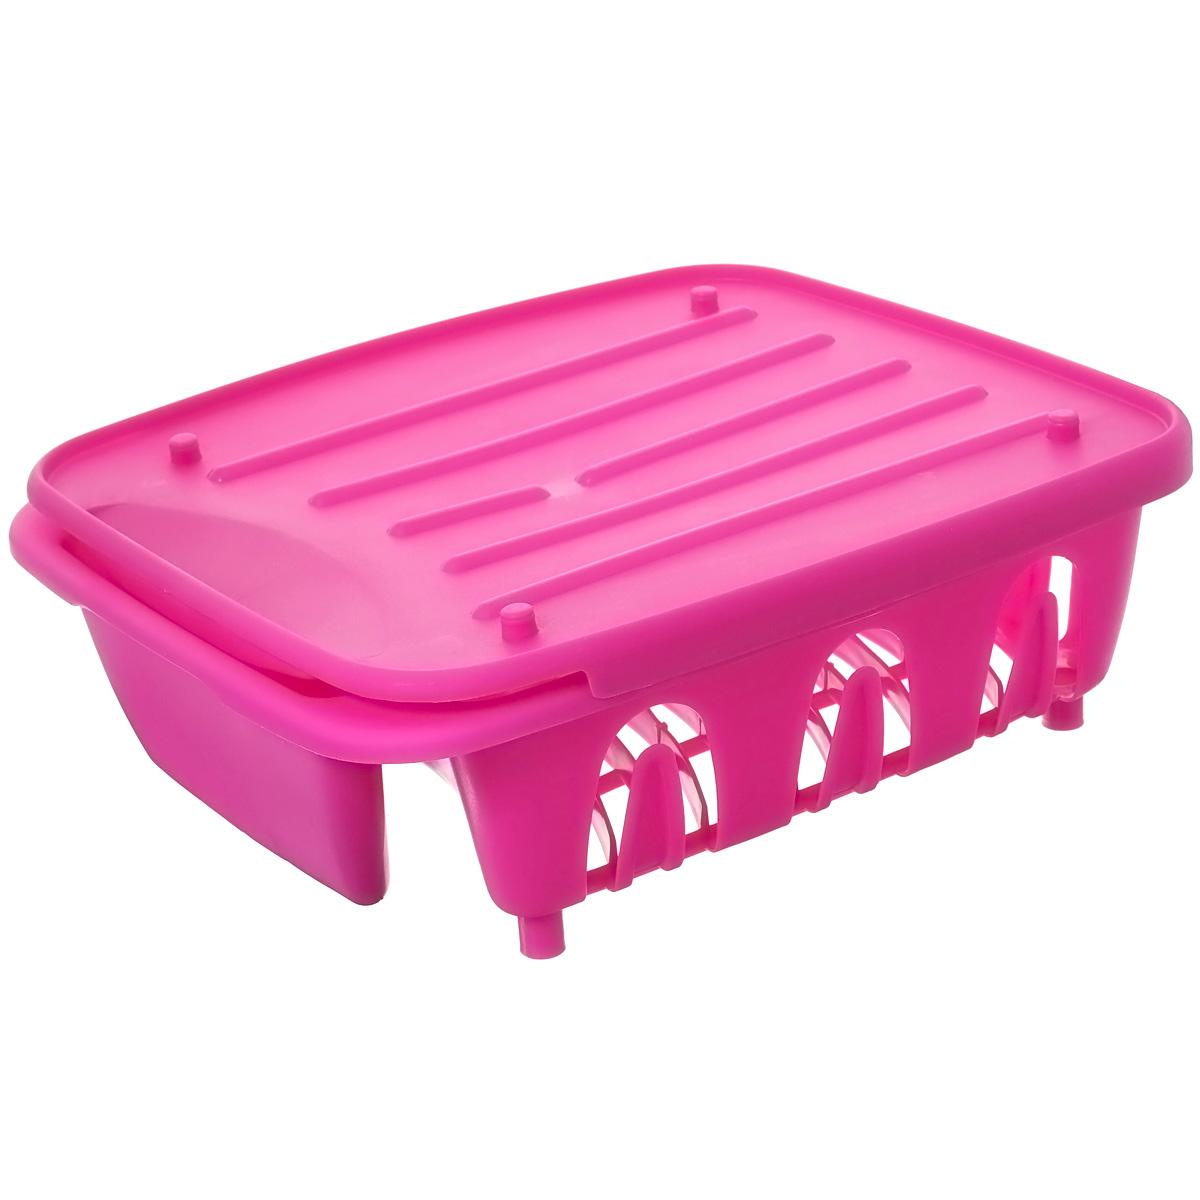 Сушилка для посуды Dommix, цвет: розовый, 35,5 х 31 х 13 см154EDСушилка для посуды Dommix, выполненная из высококачественного пластика, представляет собой подставку с ячейками, в которые помещается посуда, и отделением для столовых приборов. Сушилка оснащена пластиковым поддон для сливания в него воды Ваши тарелки высохнут быстро, если после мойки вы поместите их в легкую, яркую, современную пластиковую сушилку. Сушилка для посуды Dommix станет незаменимым атрибутом на вашей кухне.